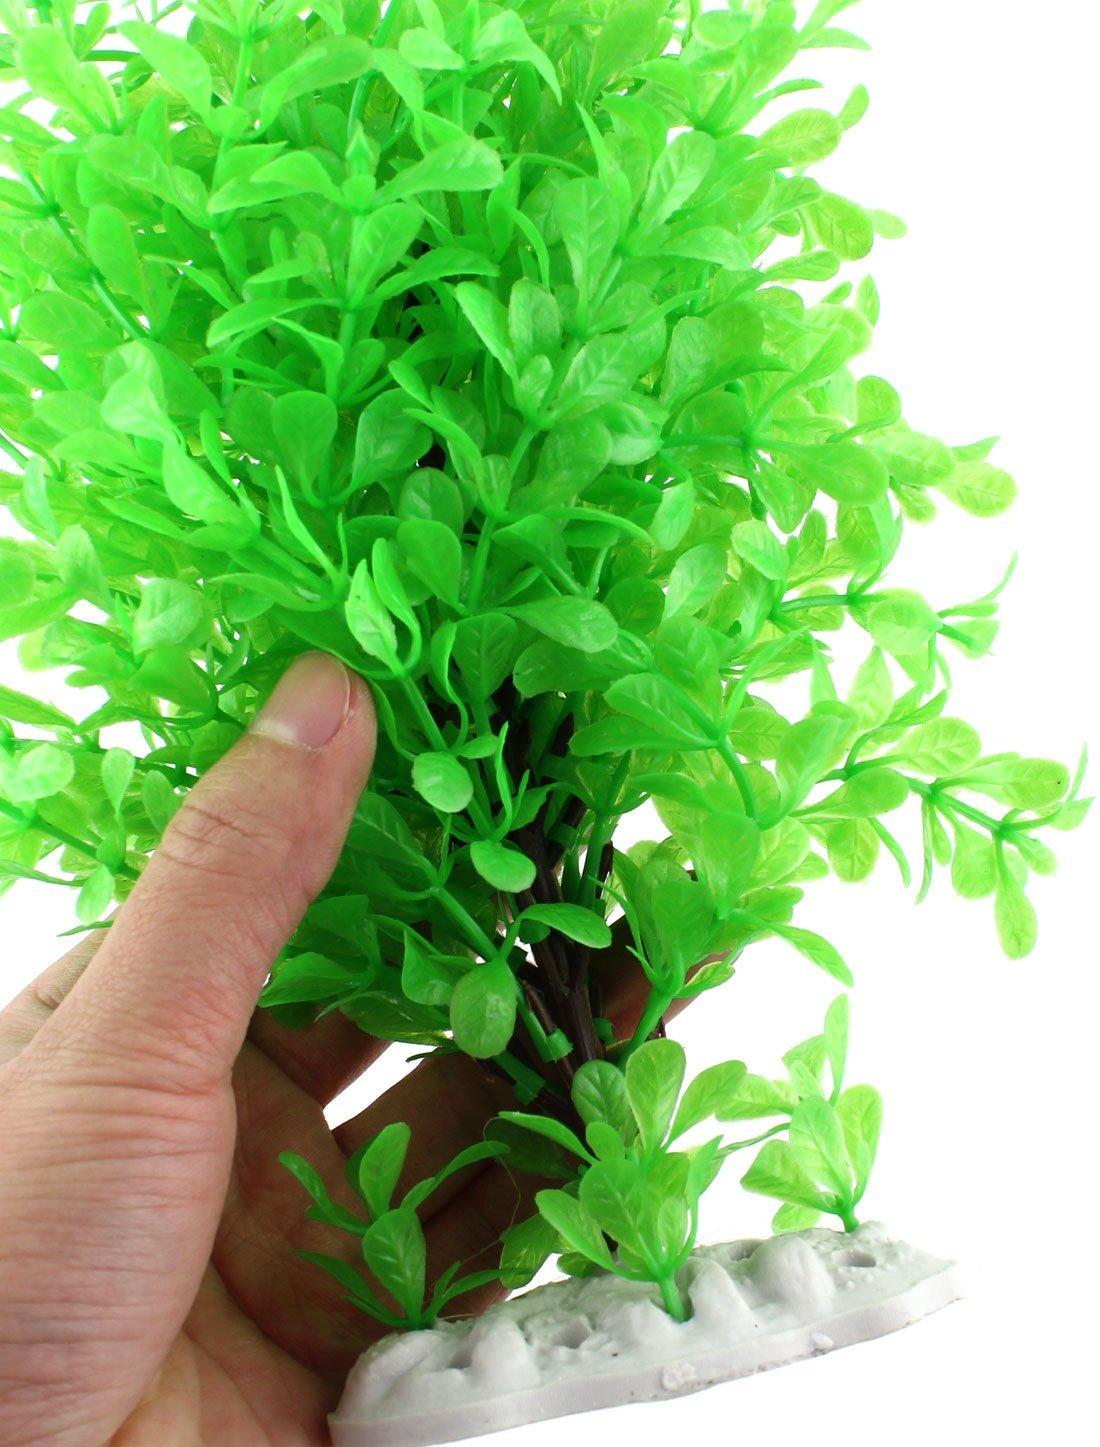 Amazon.com : eDealMax Ornamento planta acuática de cerámica Base de Emulational 24cm Altura Verde : Pet Supplies